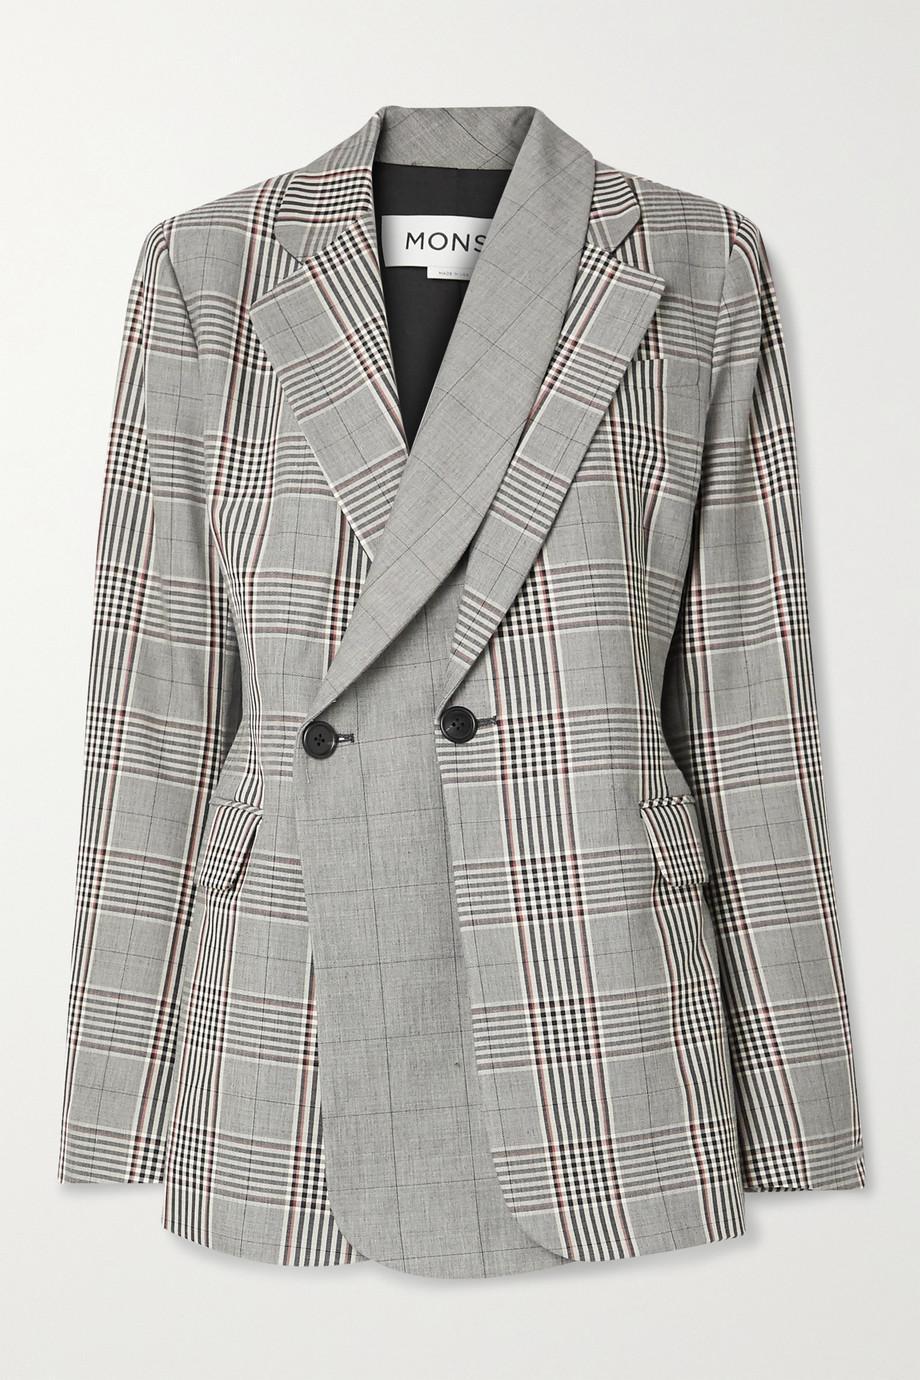 Monse 分层式双排扣威尔士亲王格纹羊毛混纺西装外套